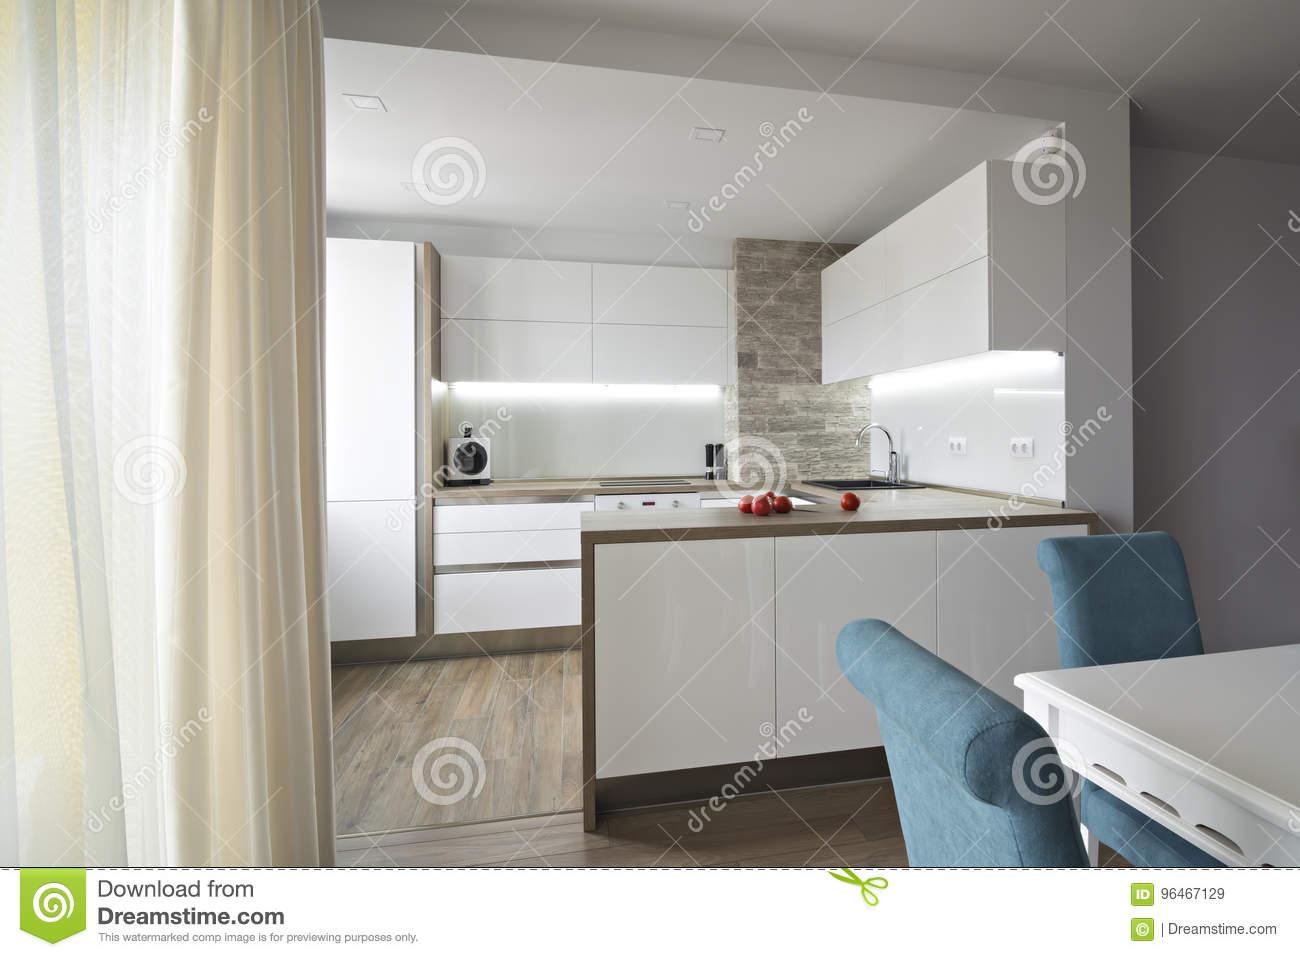 Full Size of Weisse Küche Bett Kräutertopf Wandverkleidung U Form Outdoor Kaufen Mit Arbeitsplatte Wasserhahn Schreinerküche Wandbelag Ohne Elektrogeräte Schwingtür Wohnzimmer Weisse Küche Modern